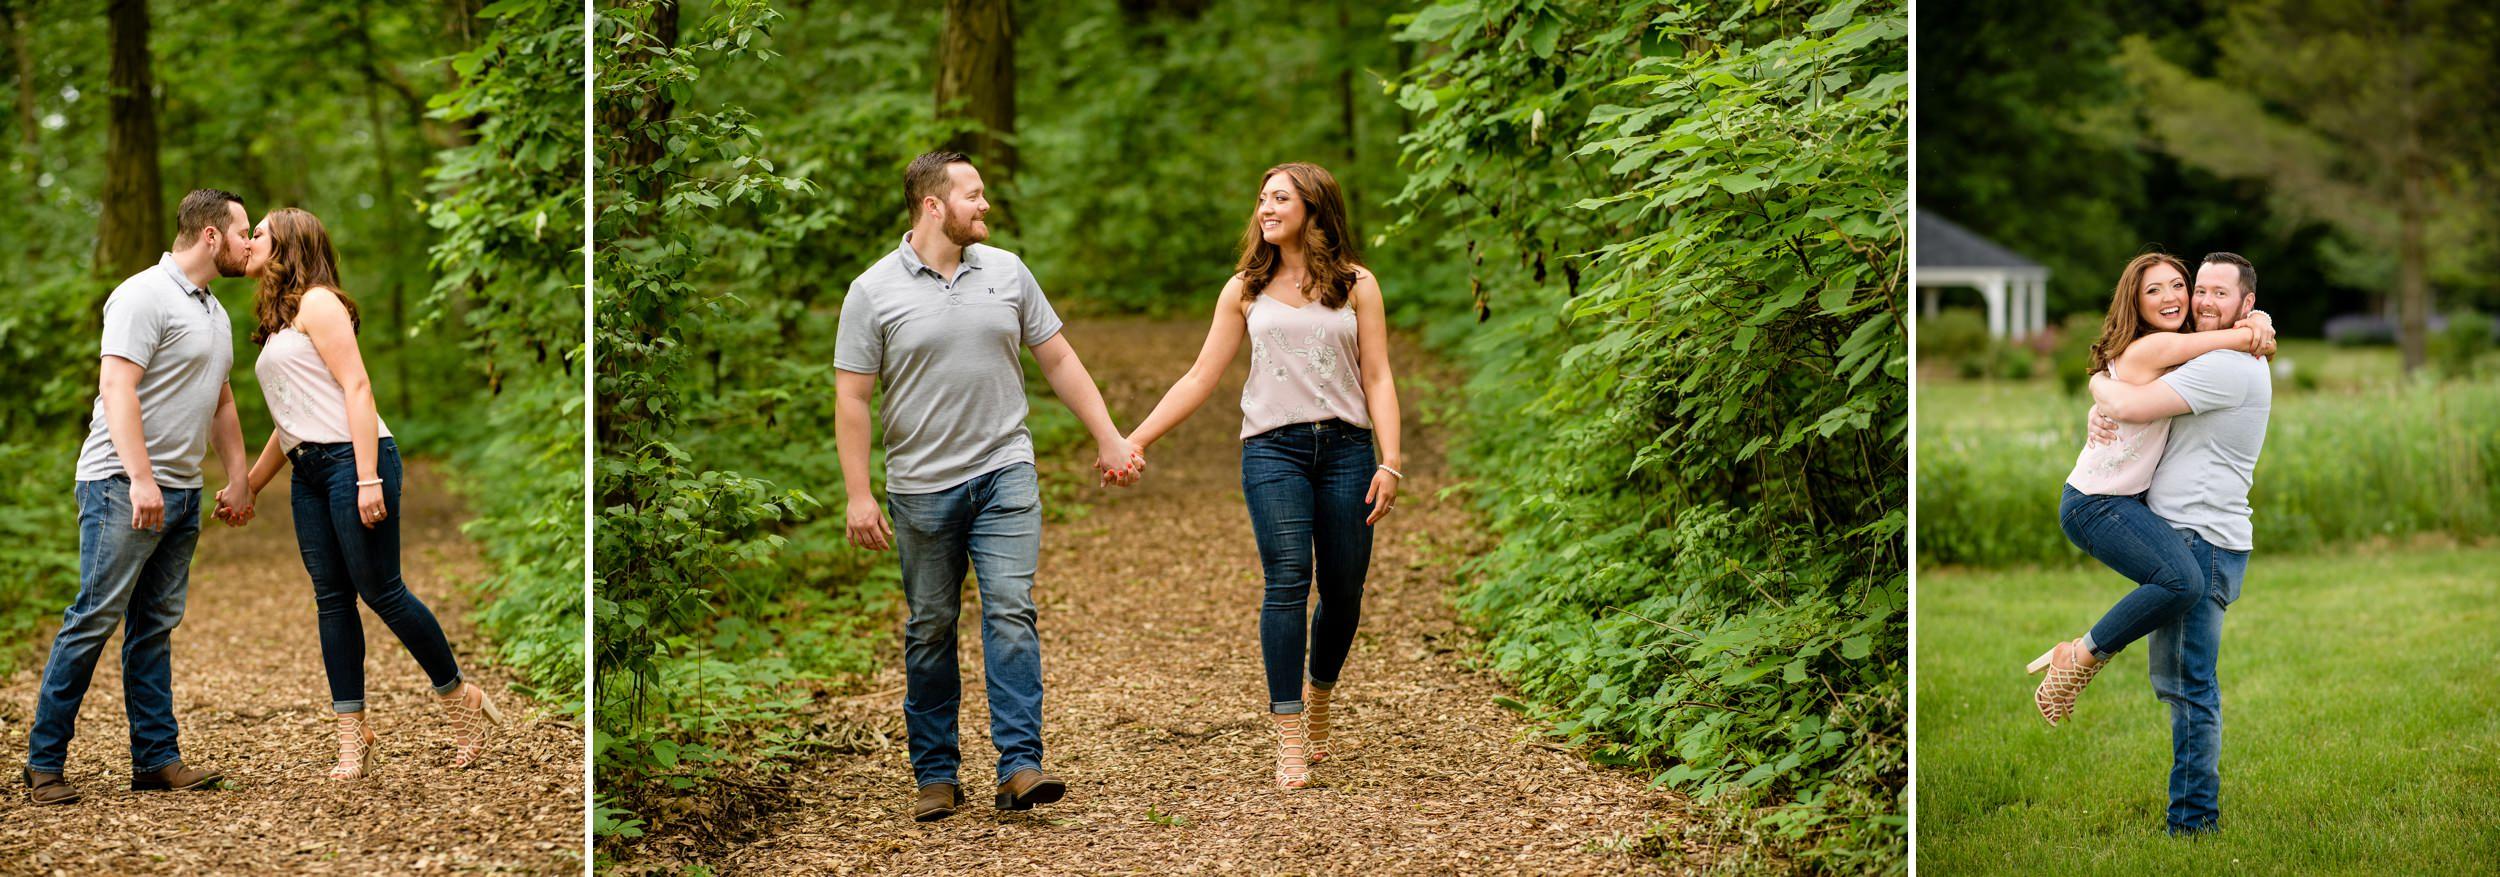 Romantic and fun engagement pictures at Gabis Arboretum.